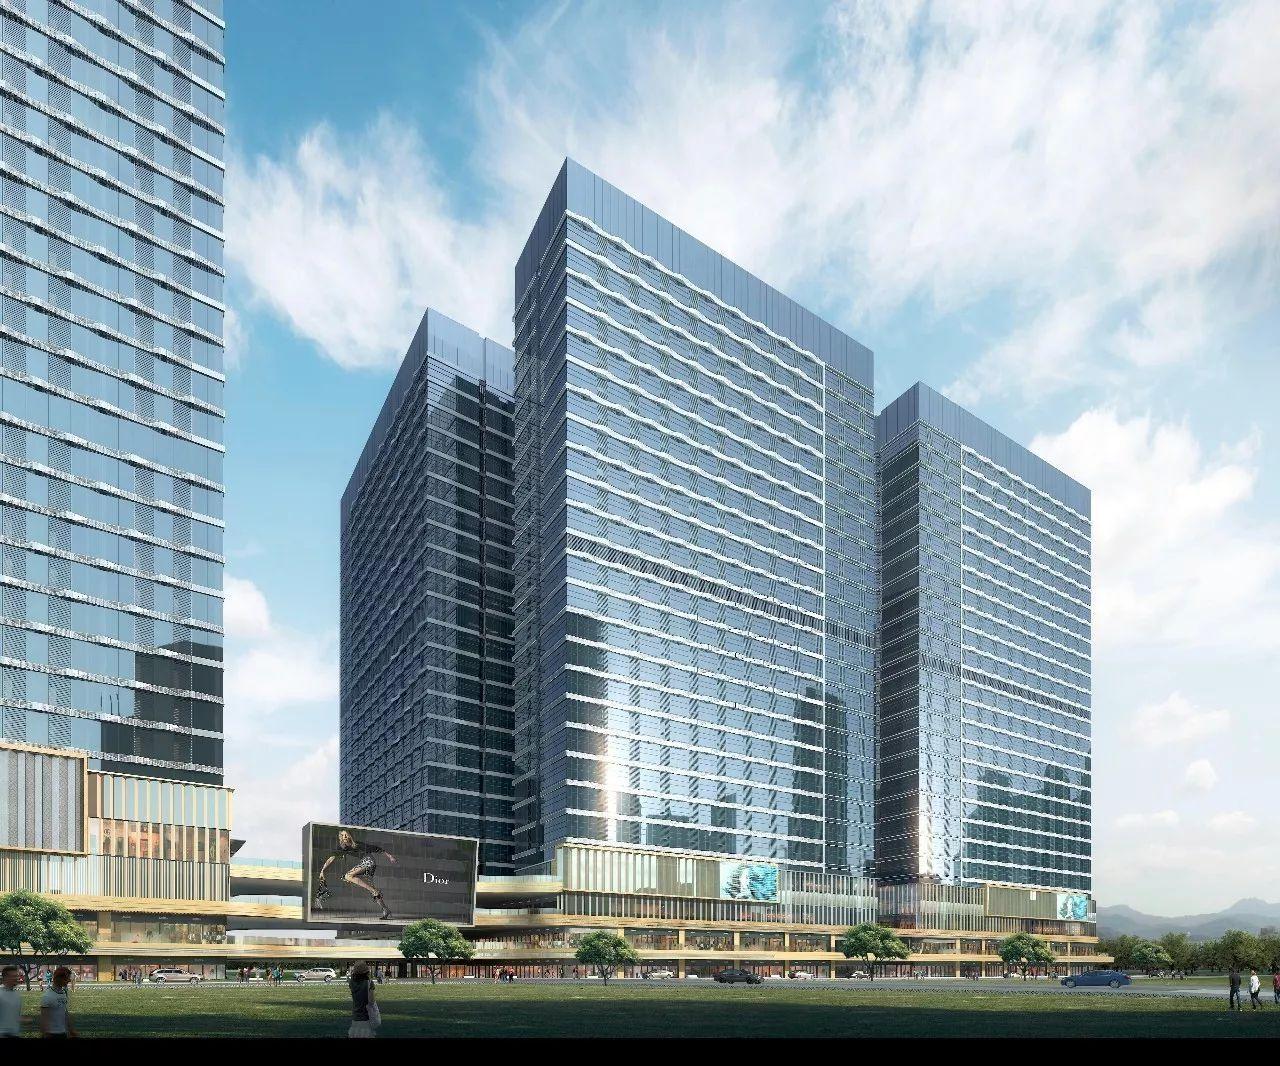 近日,中建不二广东分公司中标深圳红山玖钻项目11地块幕墙制作及图片